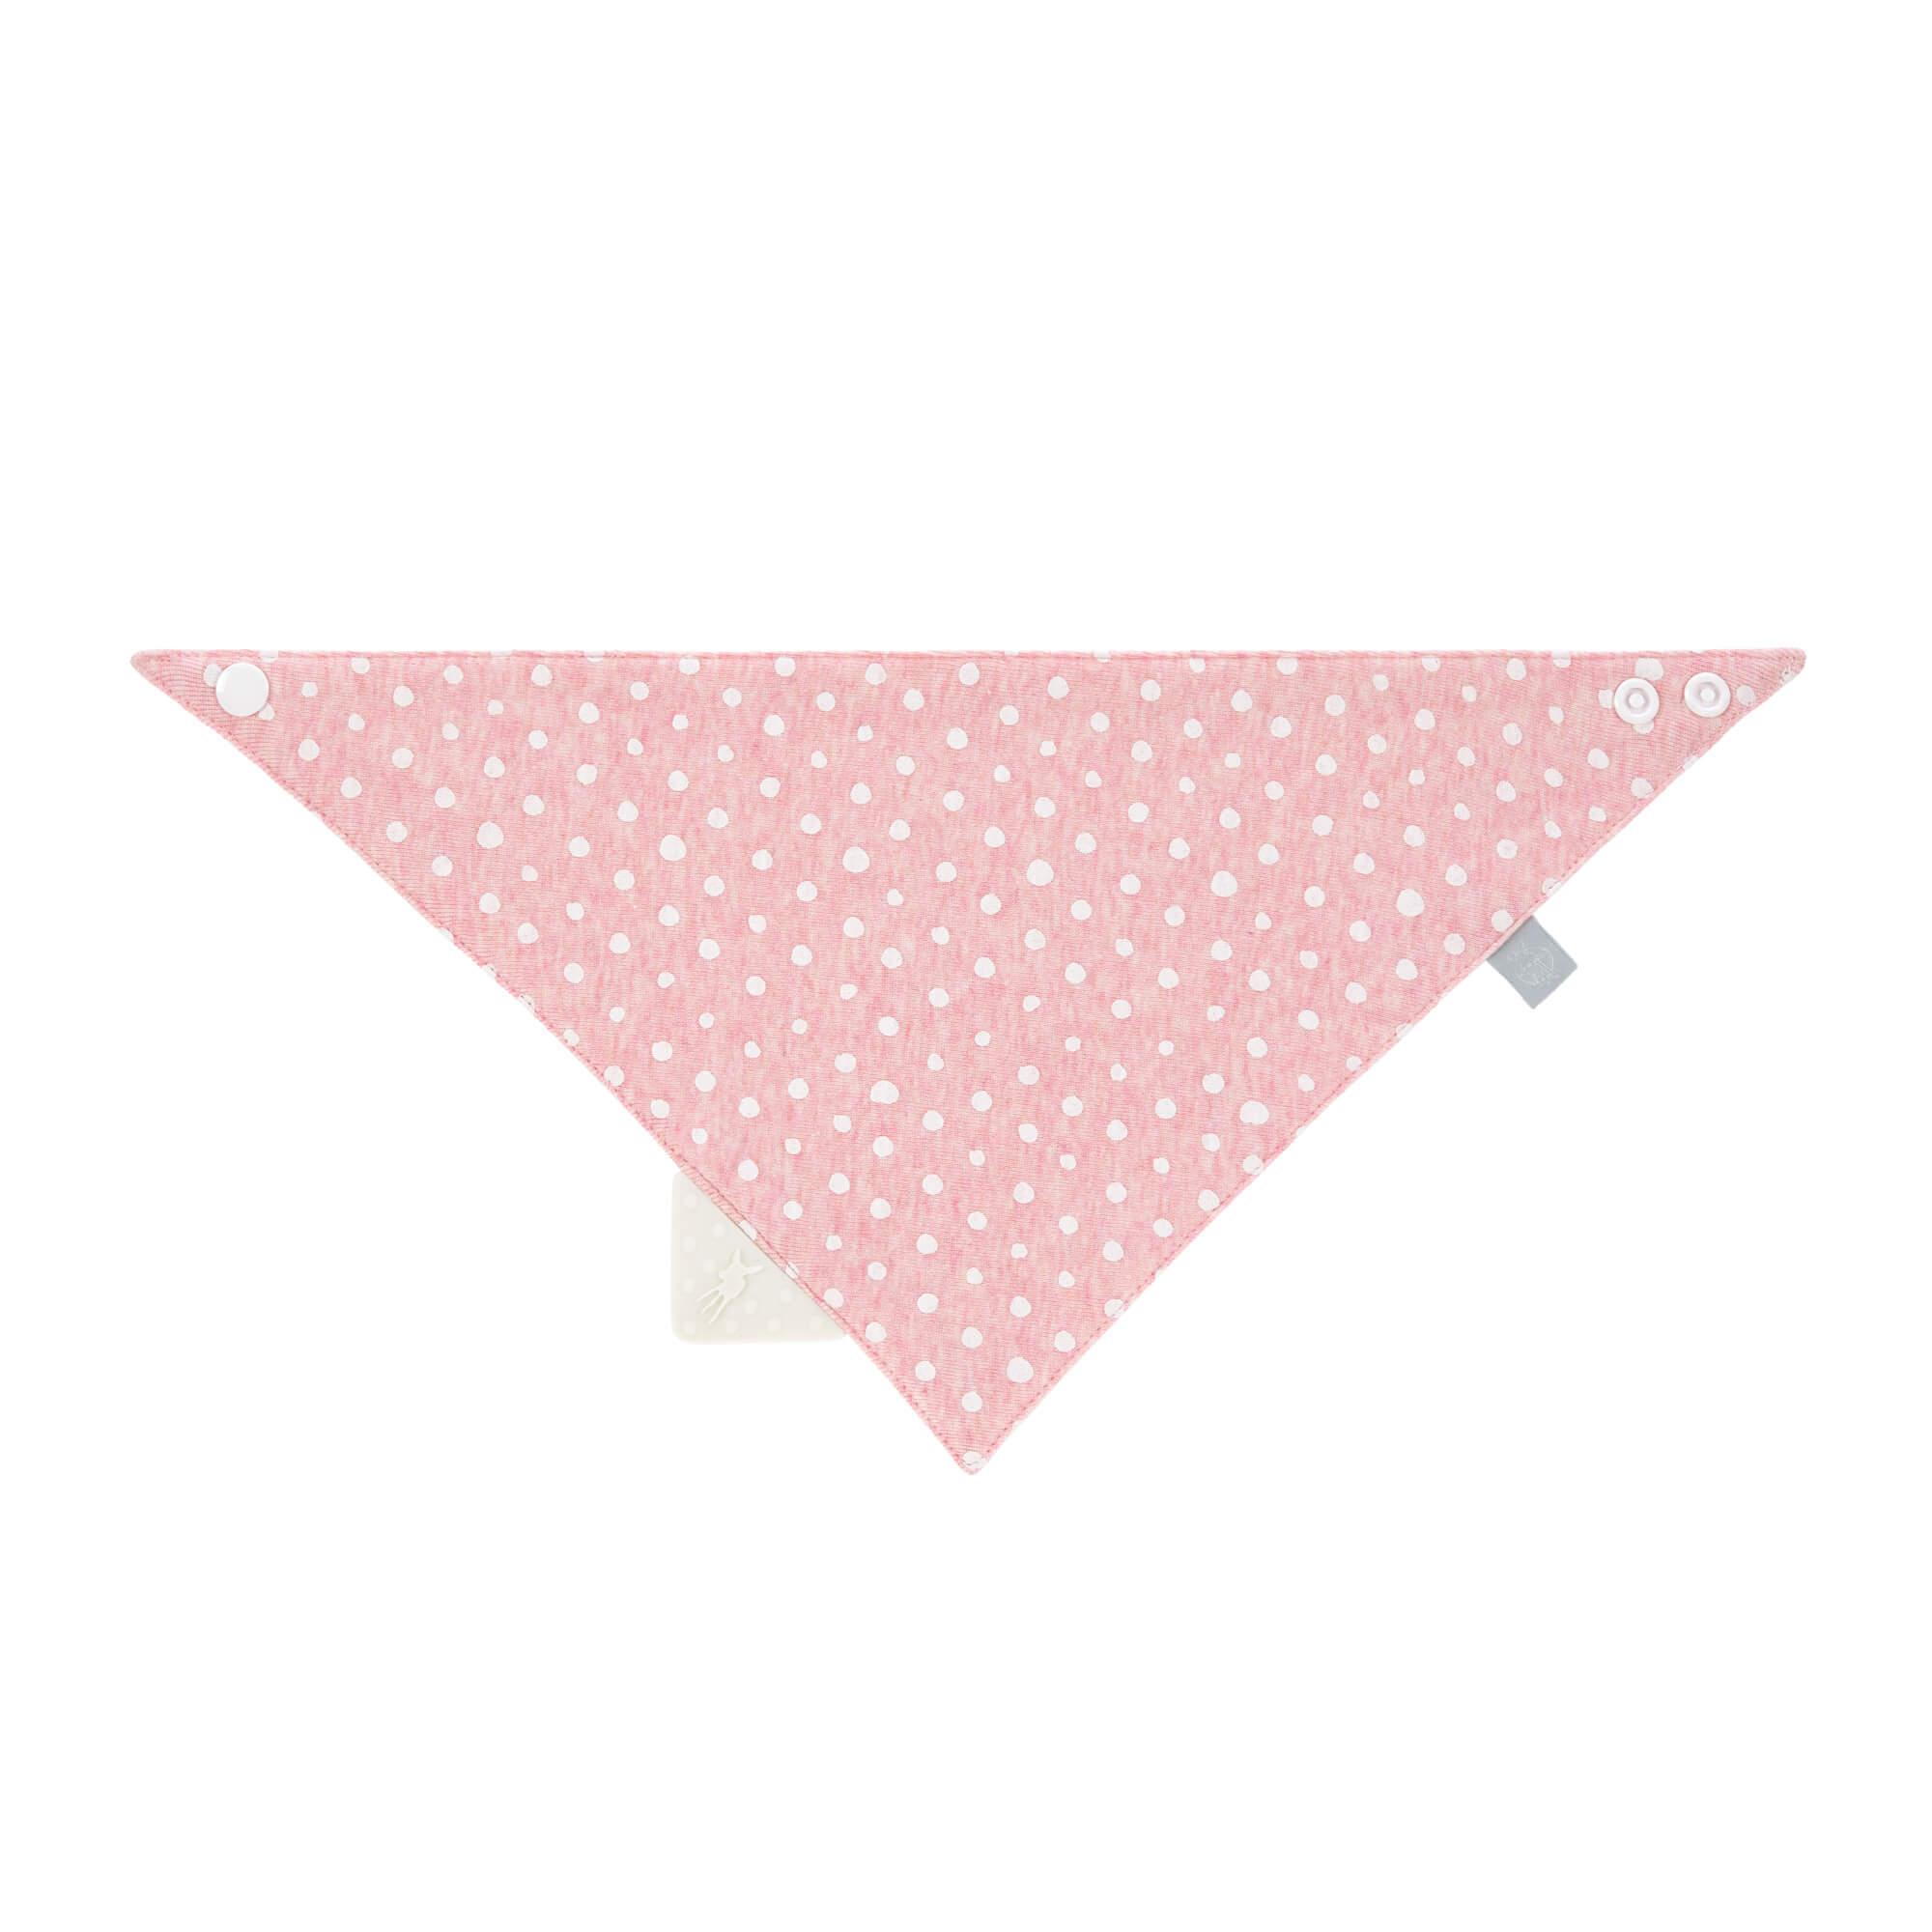 Dreieckstuch Baby - Bandana mit Beißhilfe - Lela Light Pink - Lässig